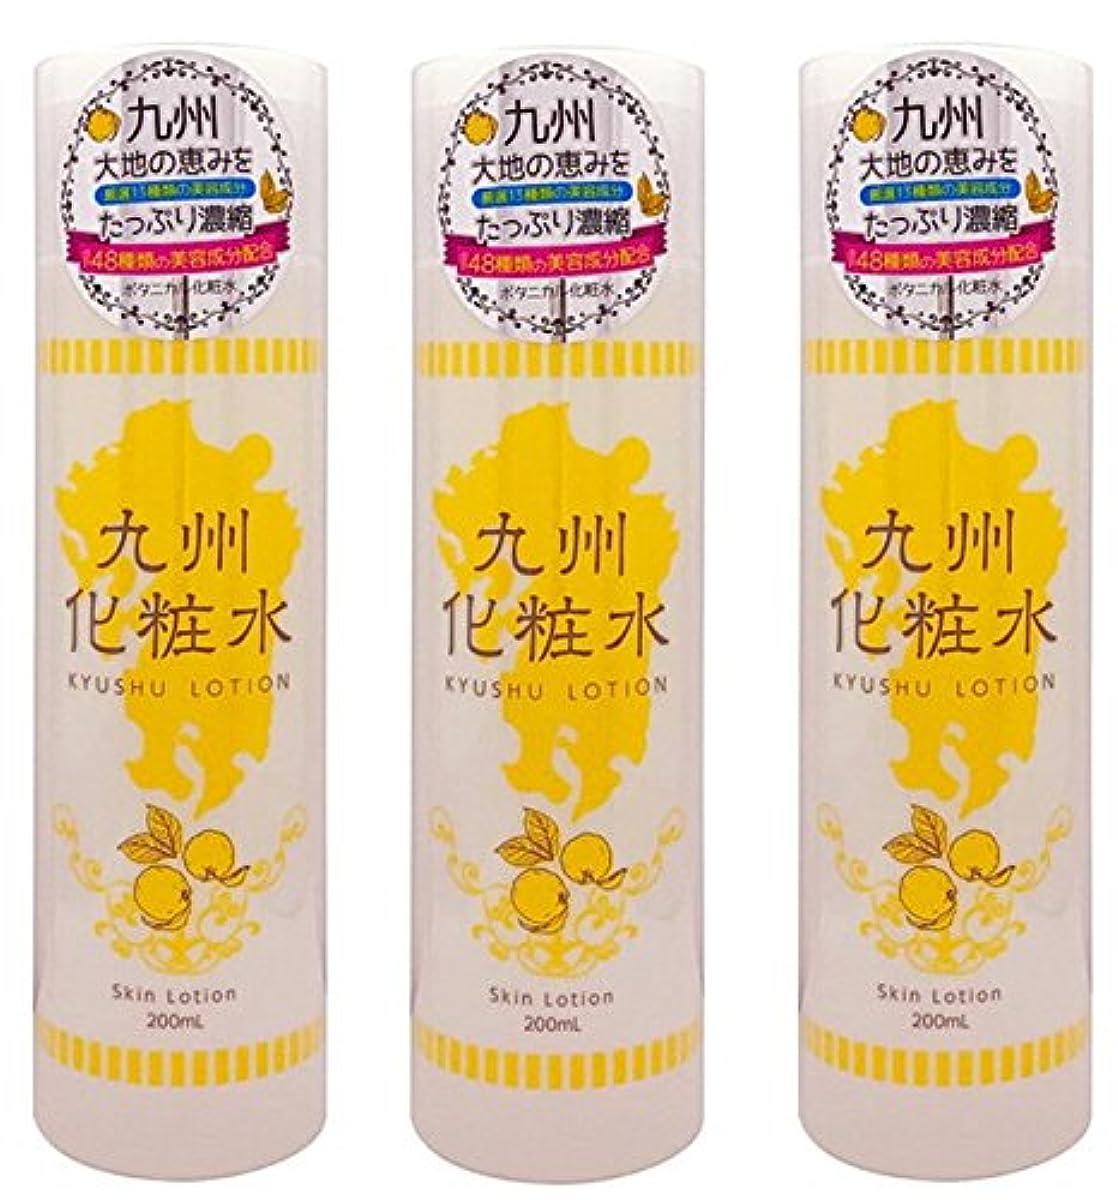 好きである赤ちゃんぬれた九州化粧水 200ml (ボタニカル化粧水) X 3本セット